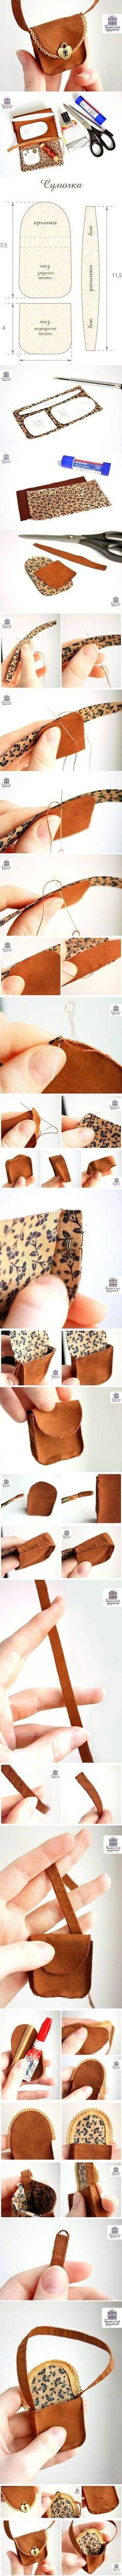 DIY Bolsa para Proyectos Doll bricolaje | UsefulDIY.com: